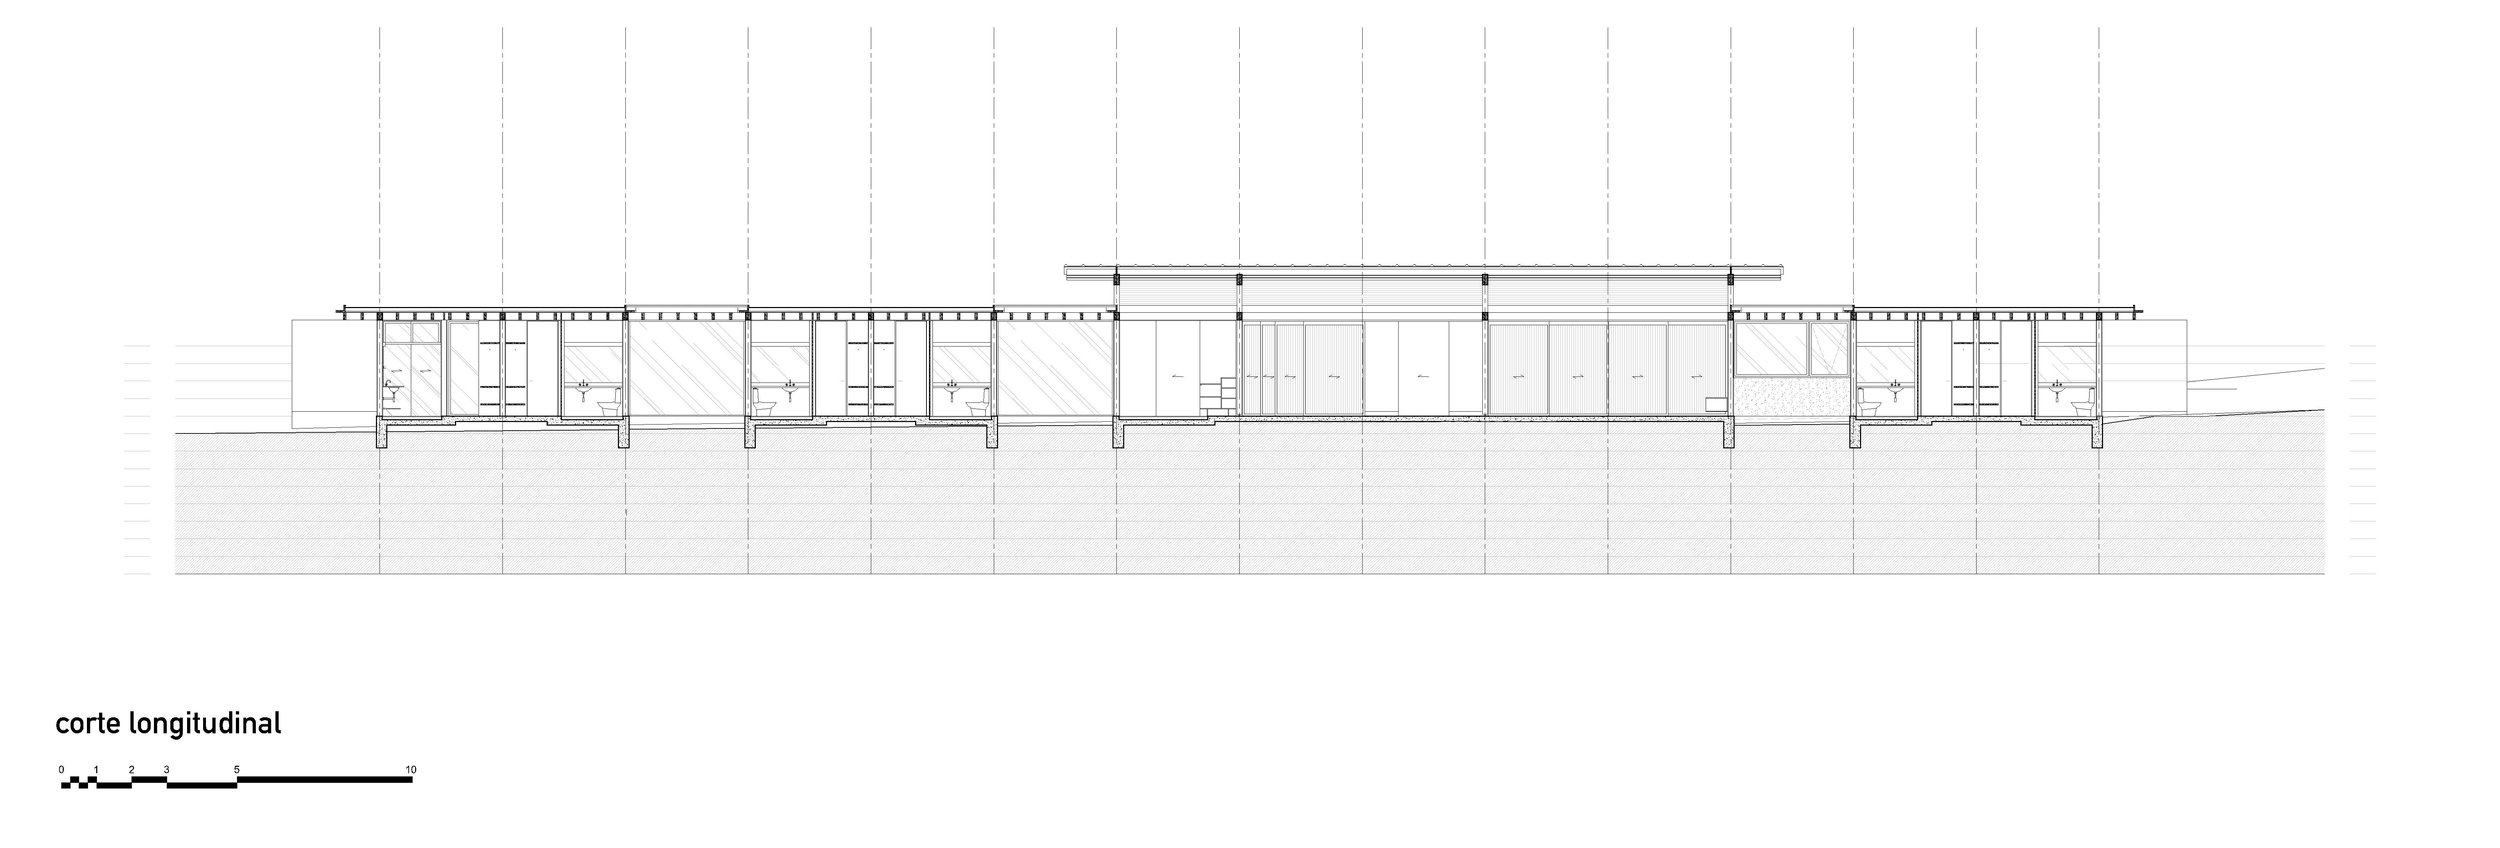 JUR-EXplantas-R18 publicação-cort long-CROP.jpg